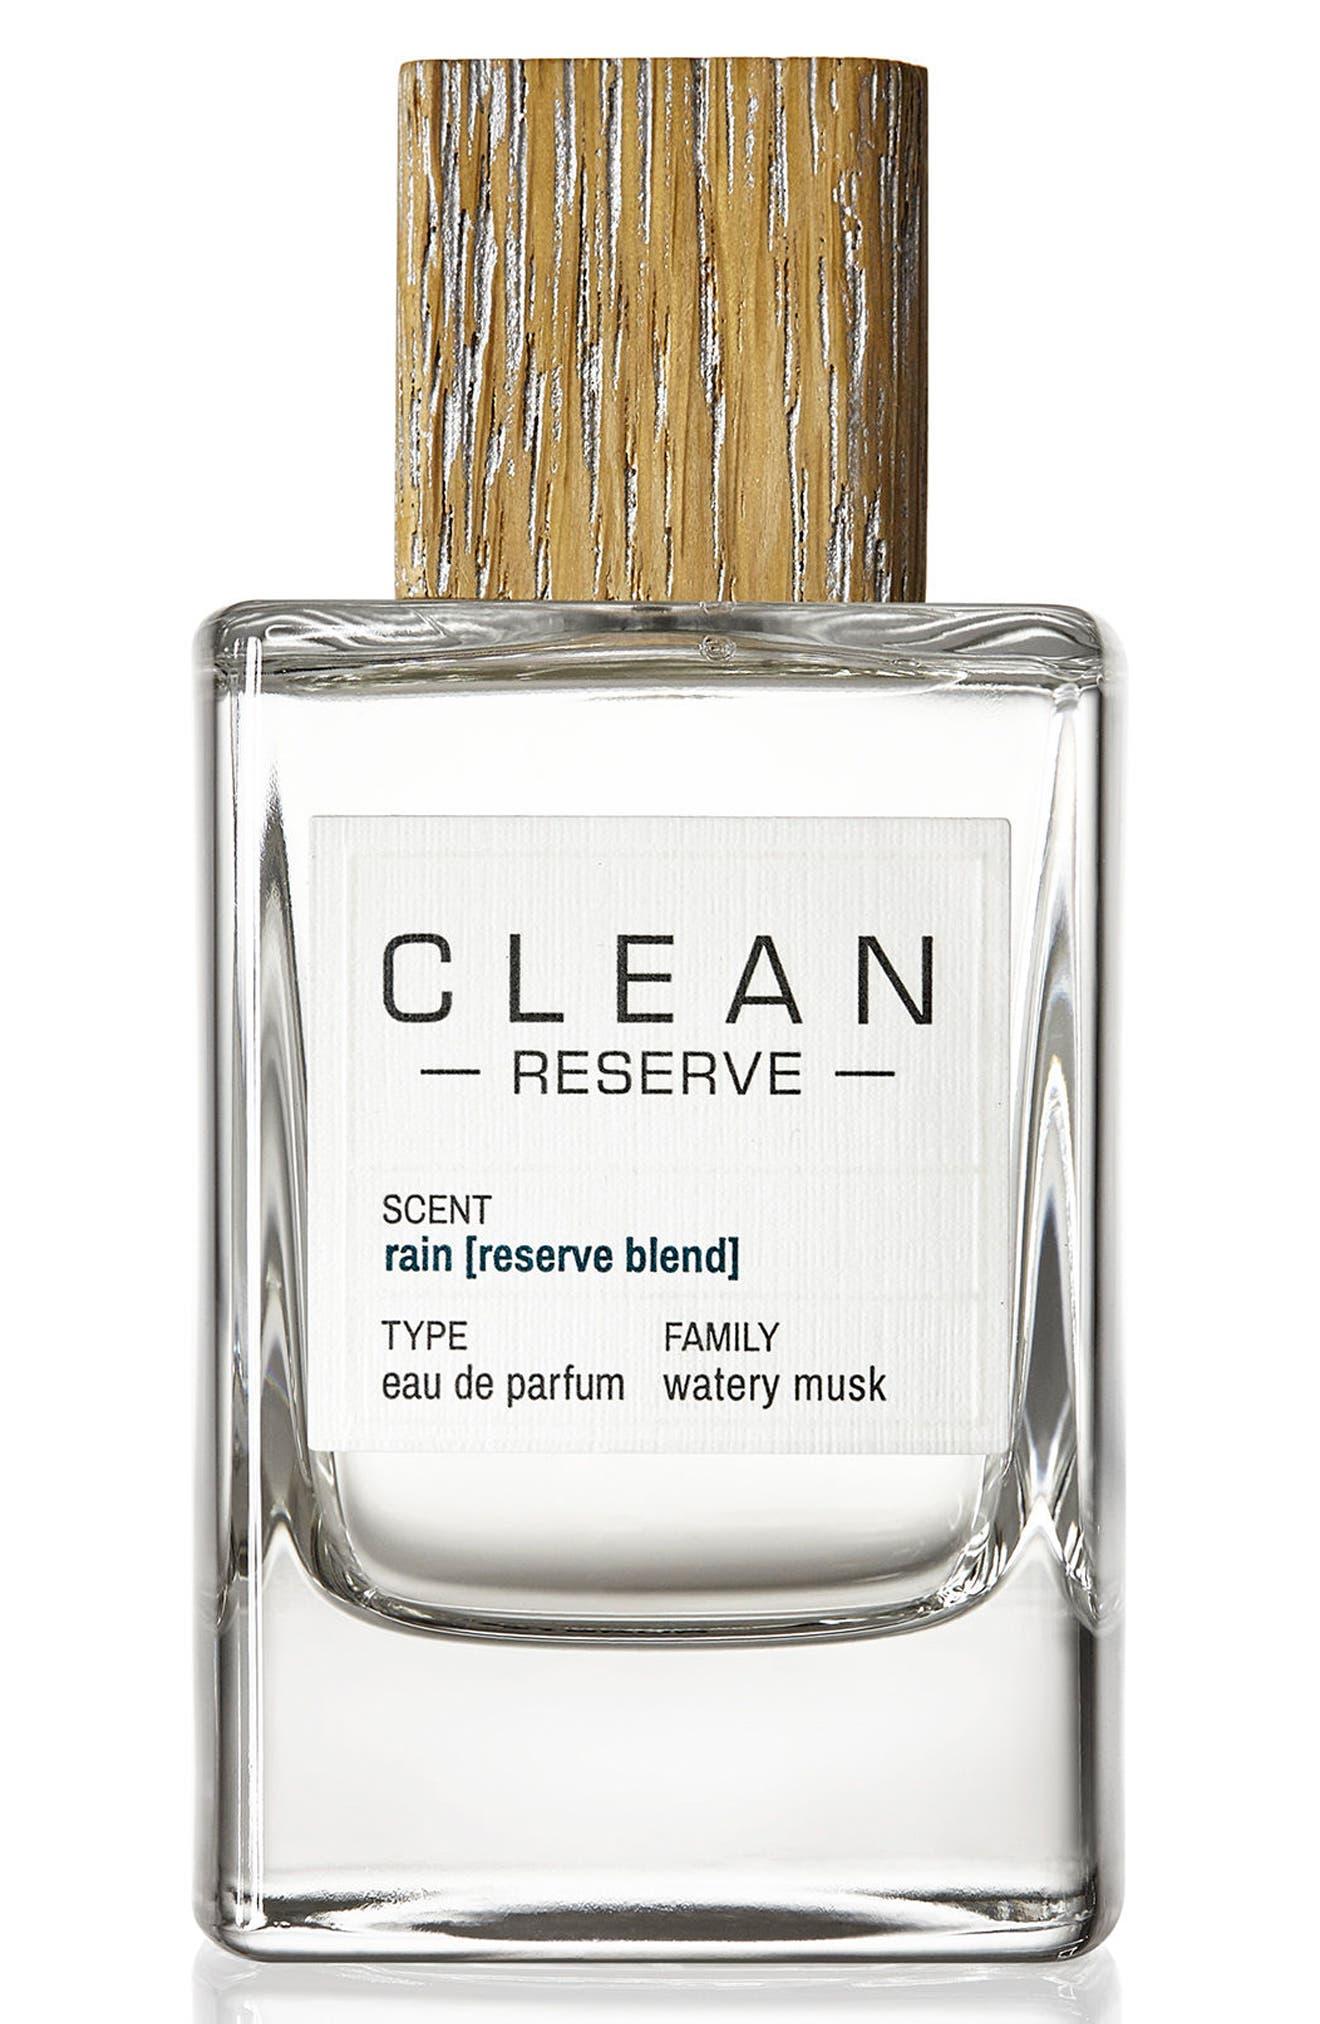 Clean Reserve Reserve Blend Rain Eau de Parfum